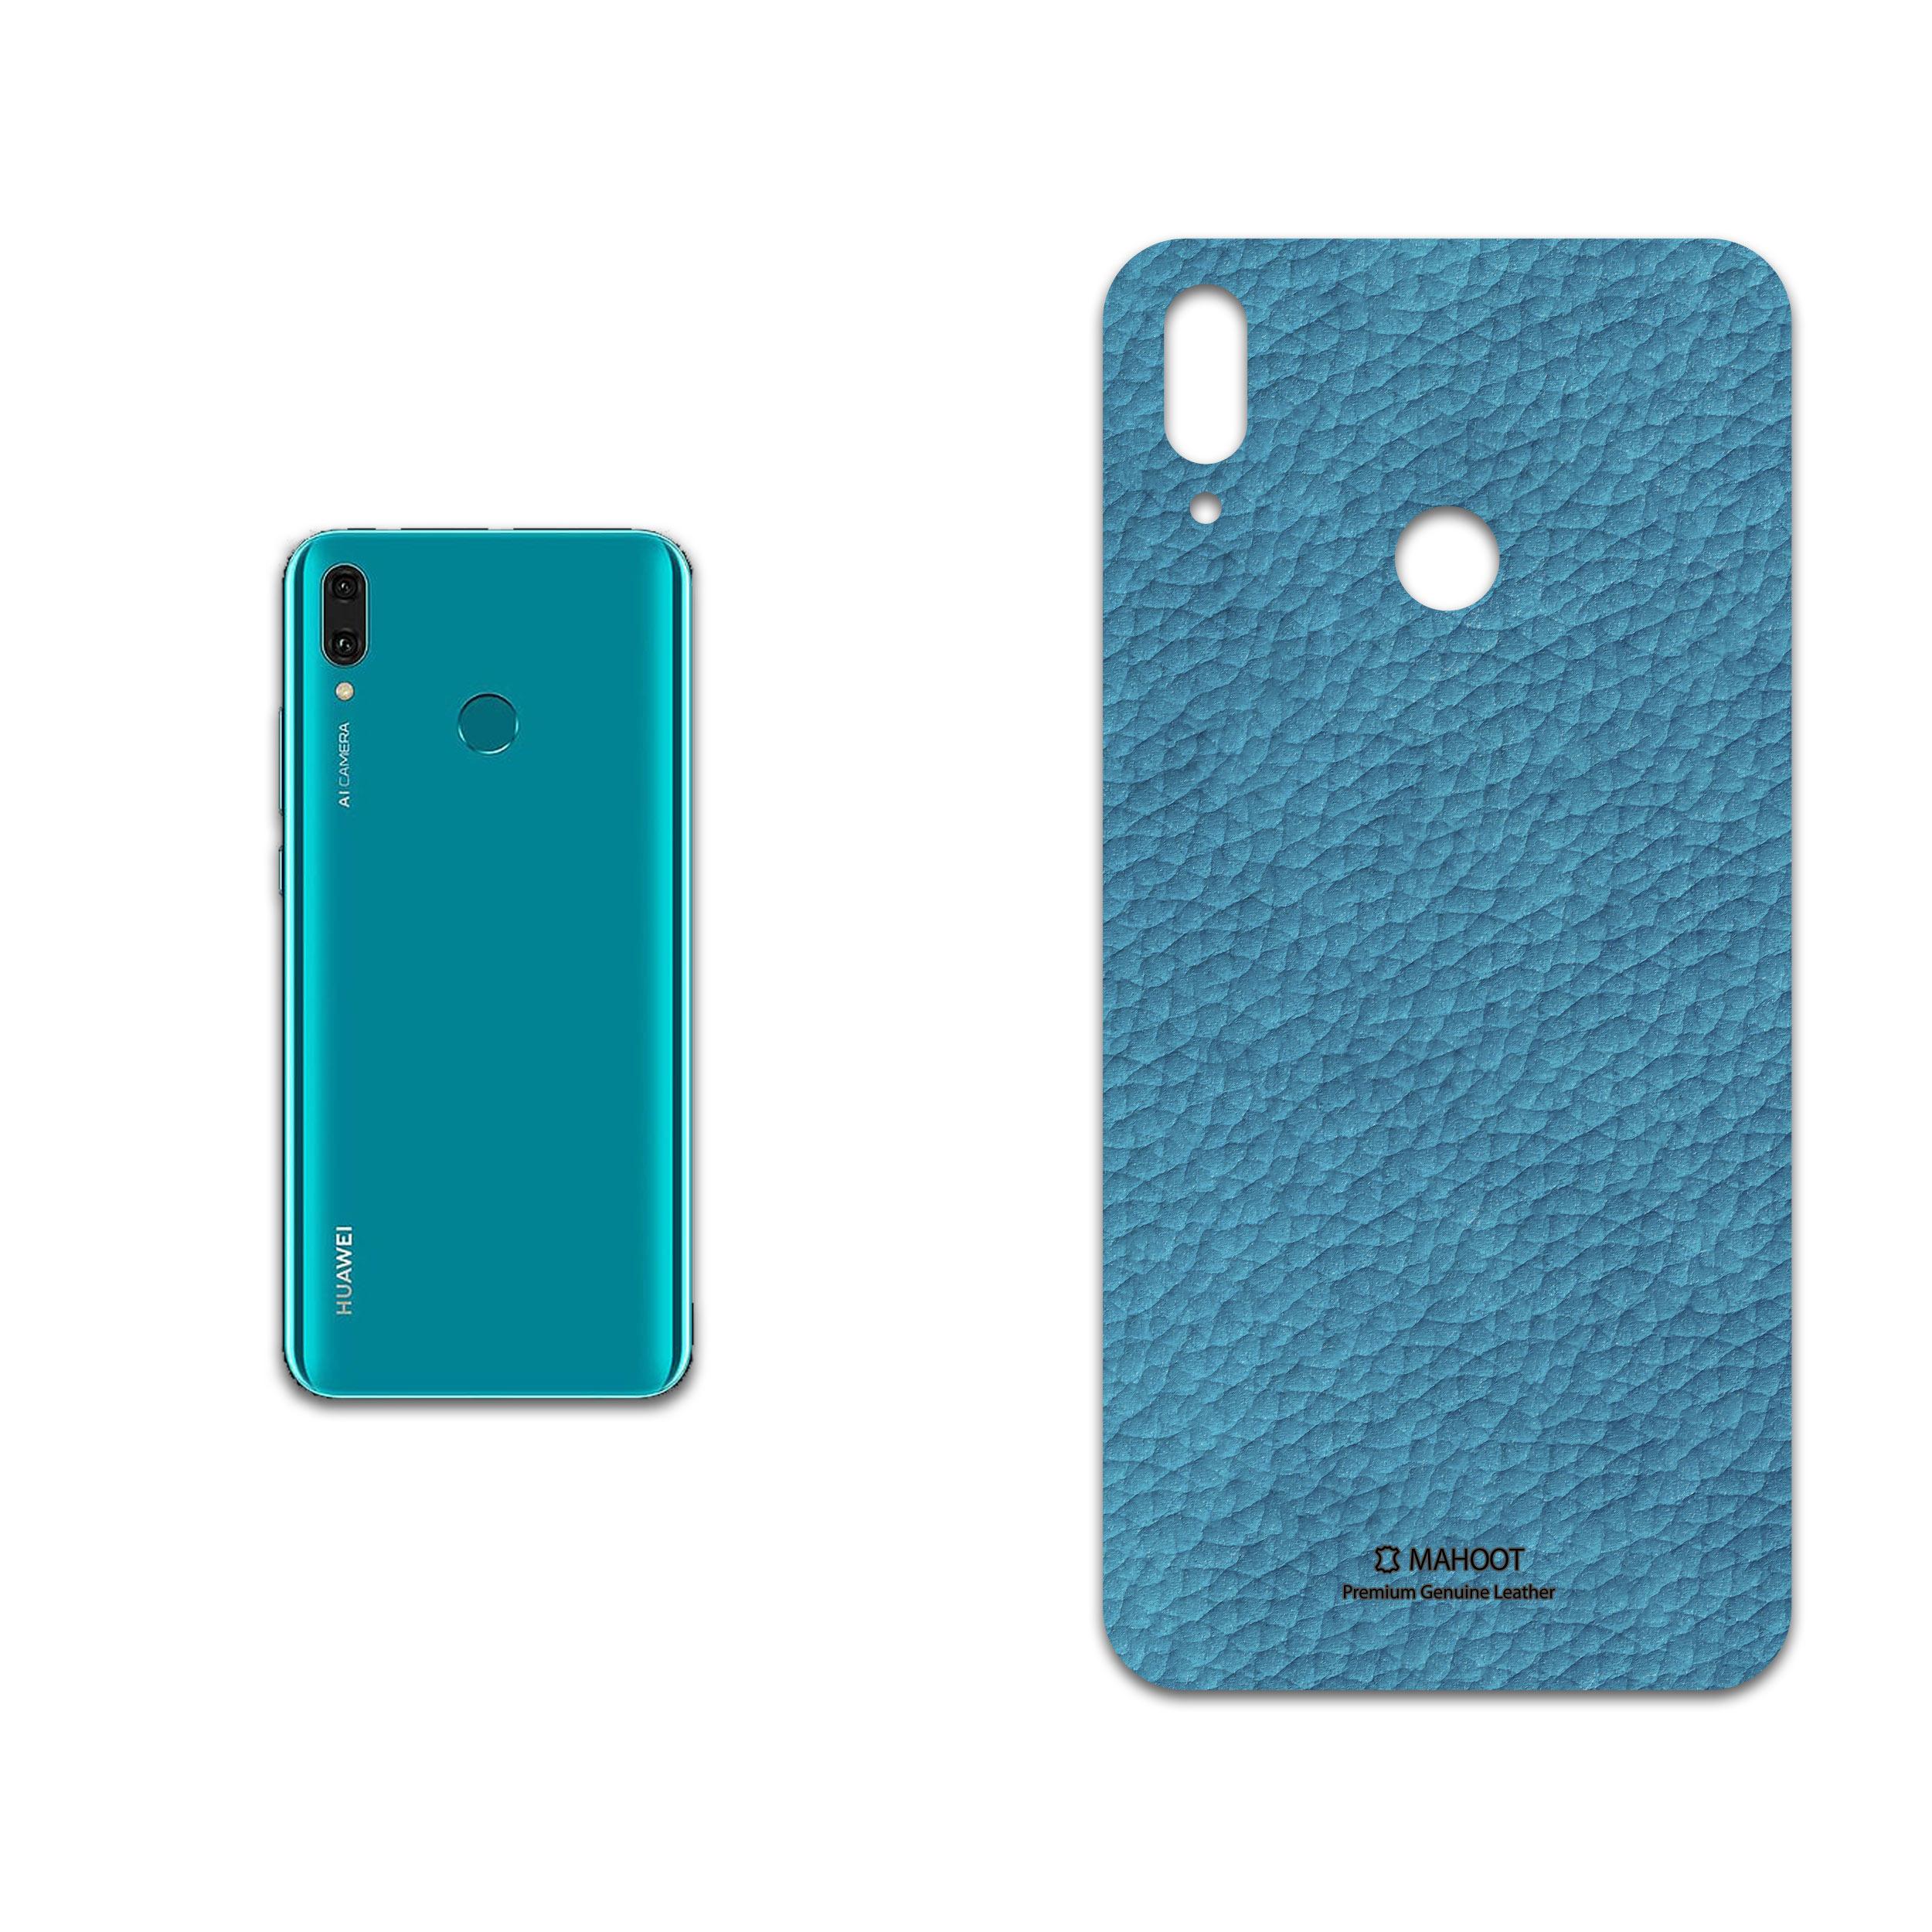 برچسب پوششی ماهوت مدل Blue-Leather مناسب برای گوشی موبایل هوآوی Y9 2019